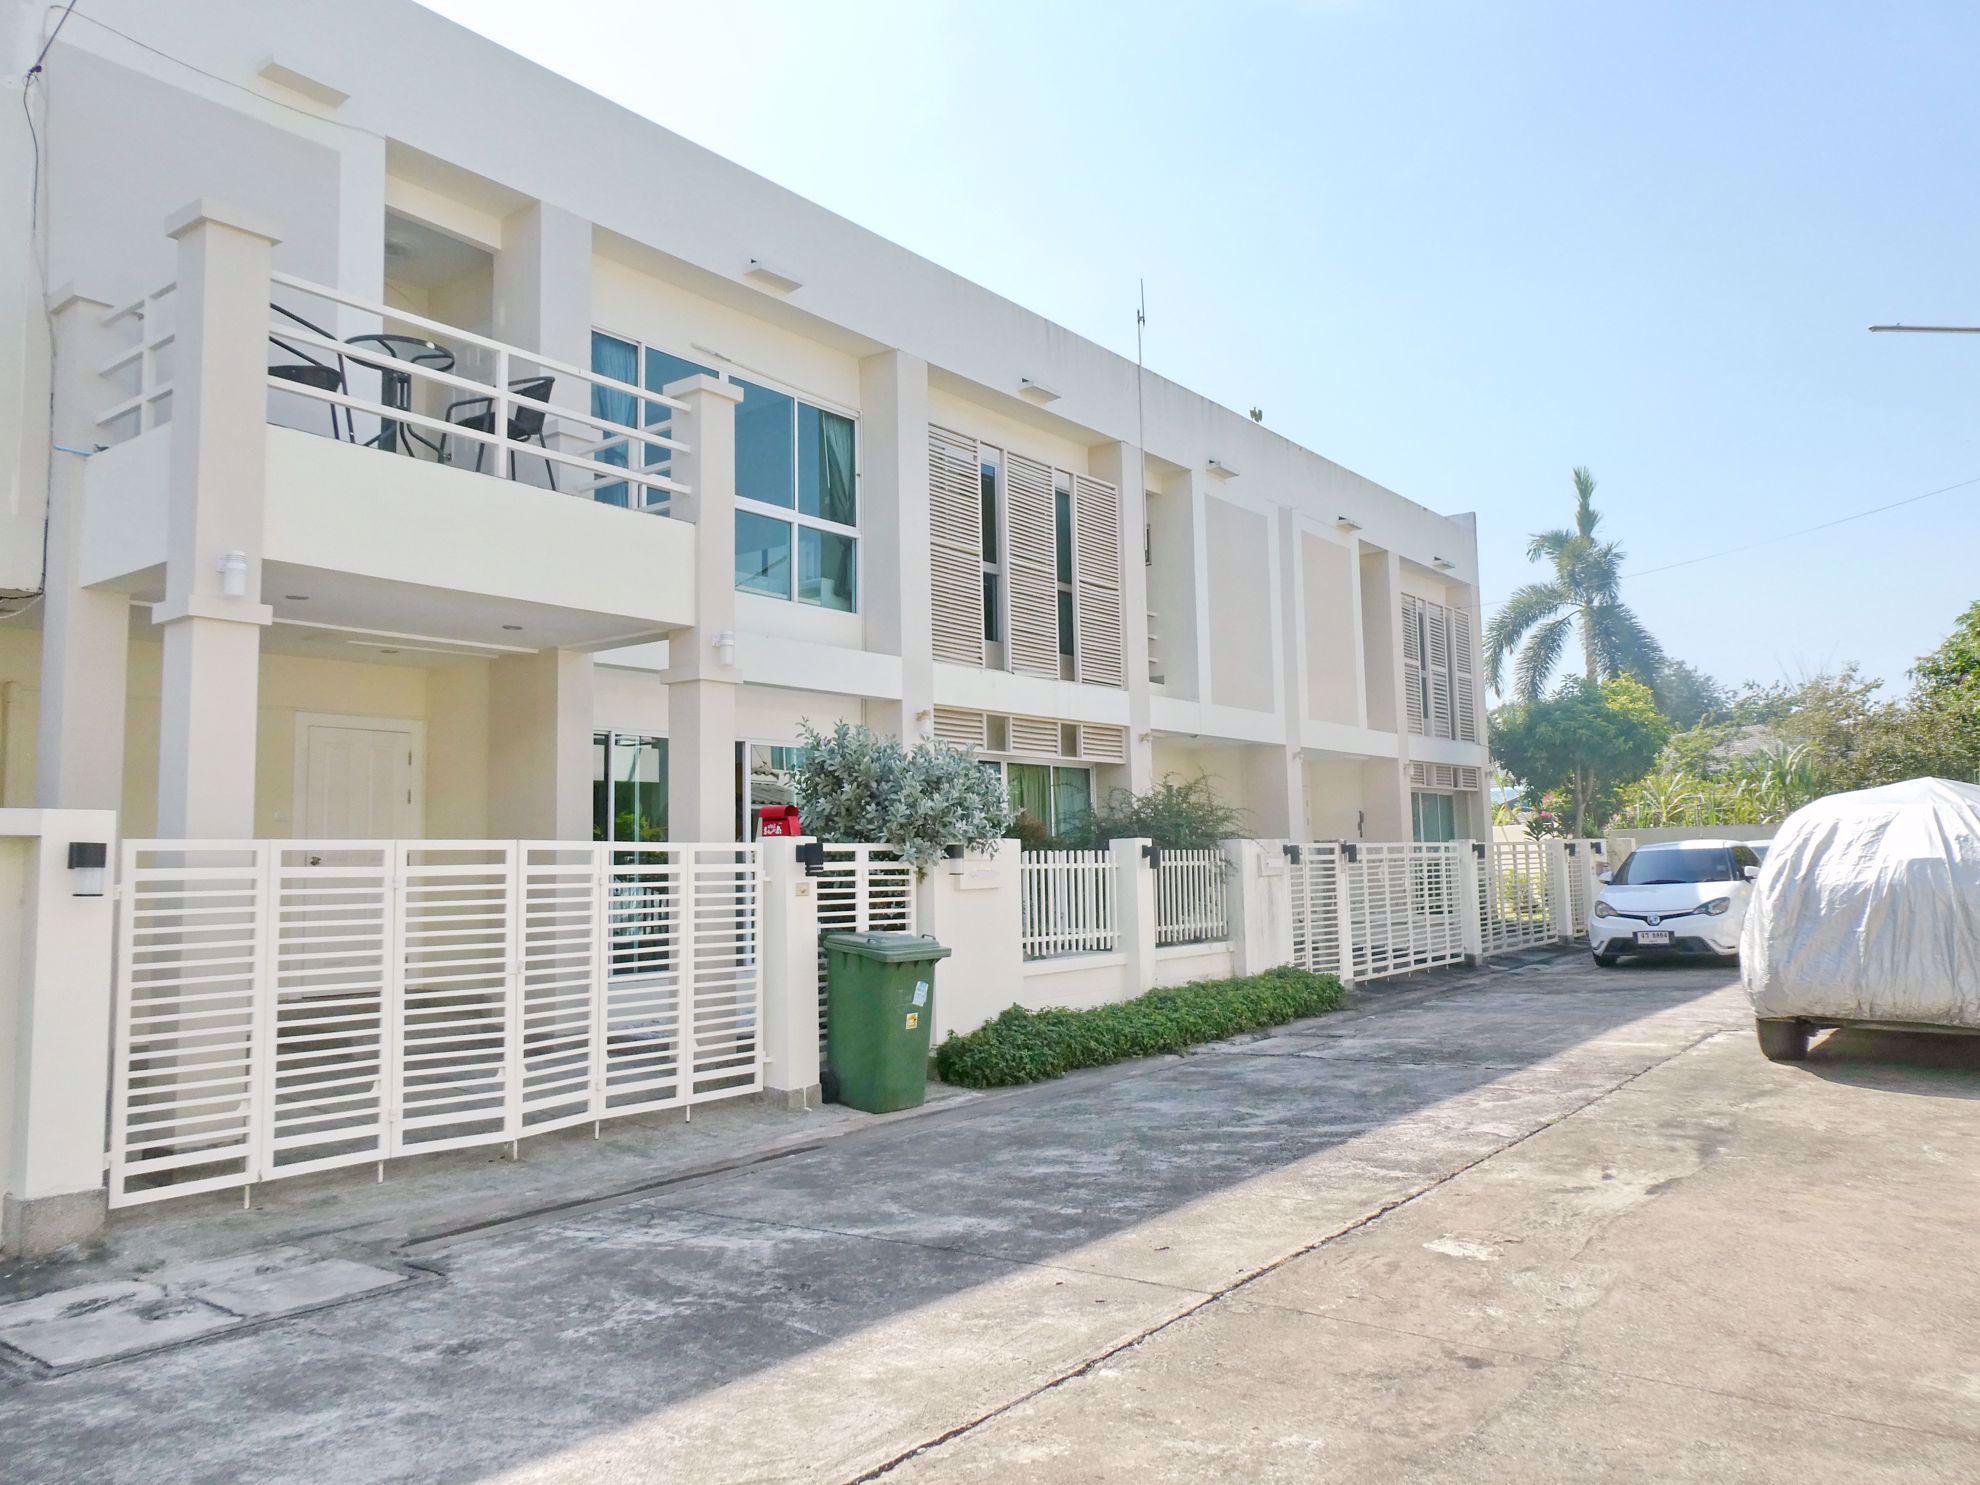 图片 2 Bedrooms bed in House in The Meadows in East Pattaya H009002